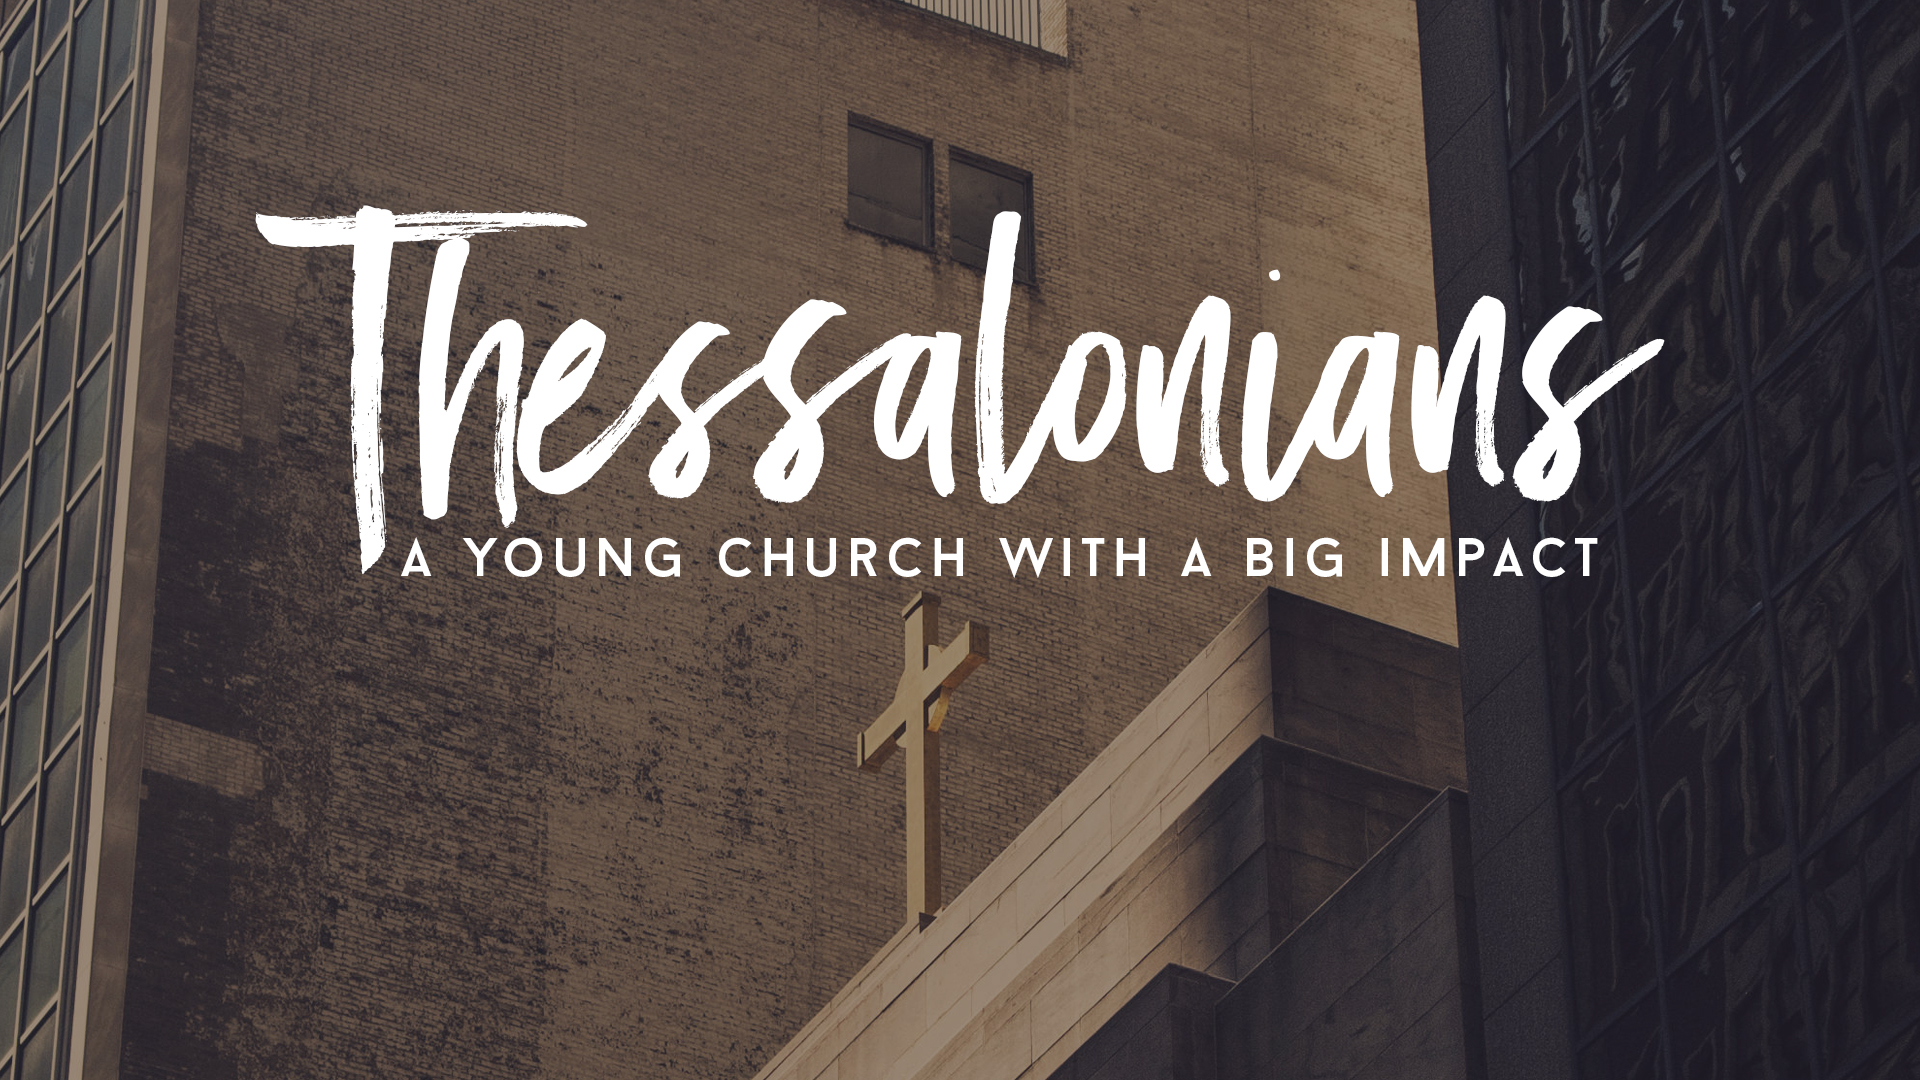 Thessalonians.jpg